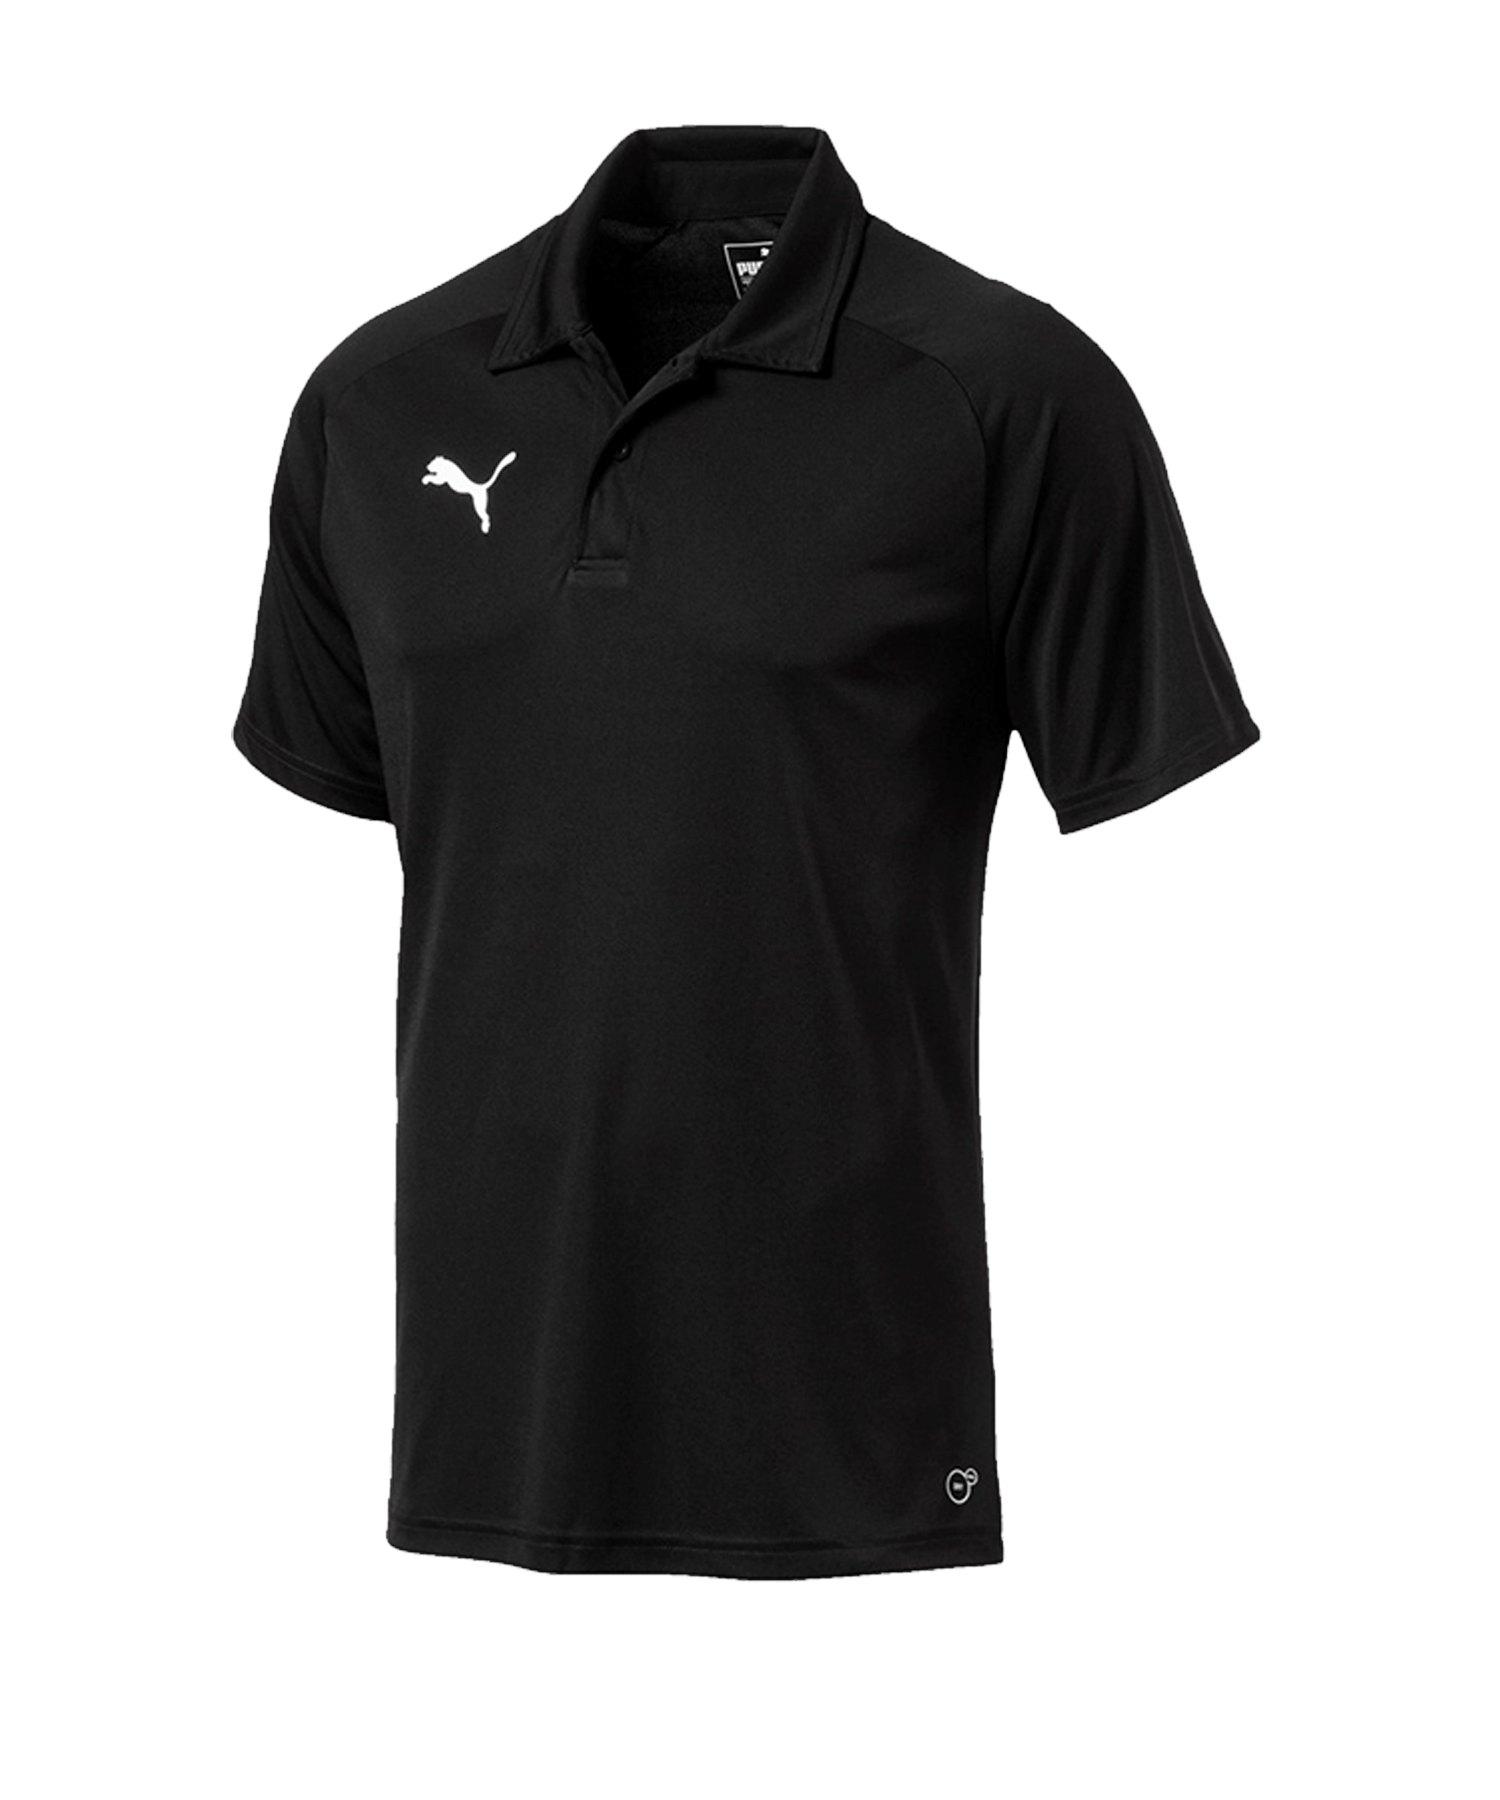 PUMA LIGA Sideline Poloshirt Schwarz Weiss F03 - schwarz